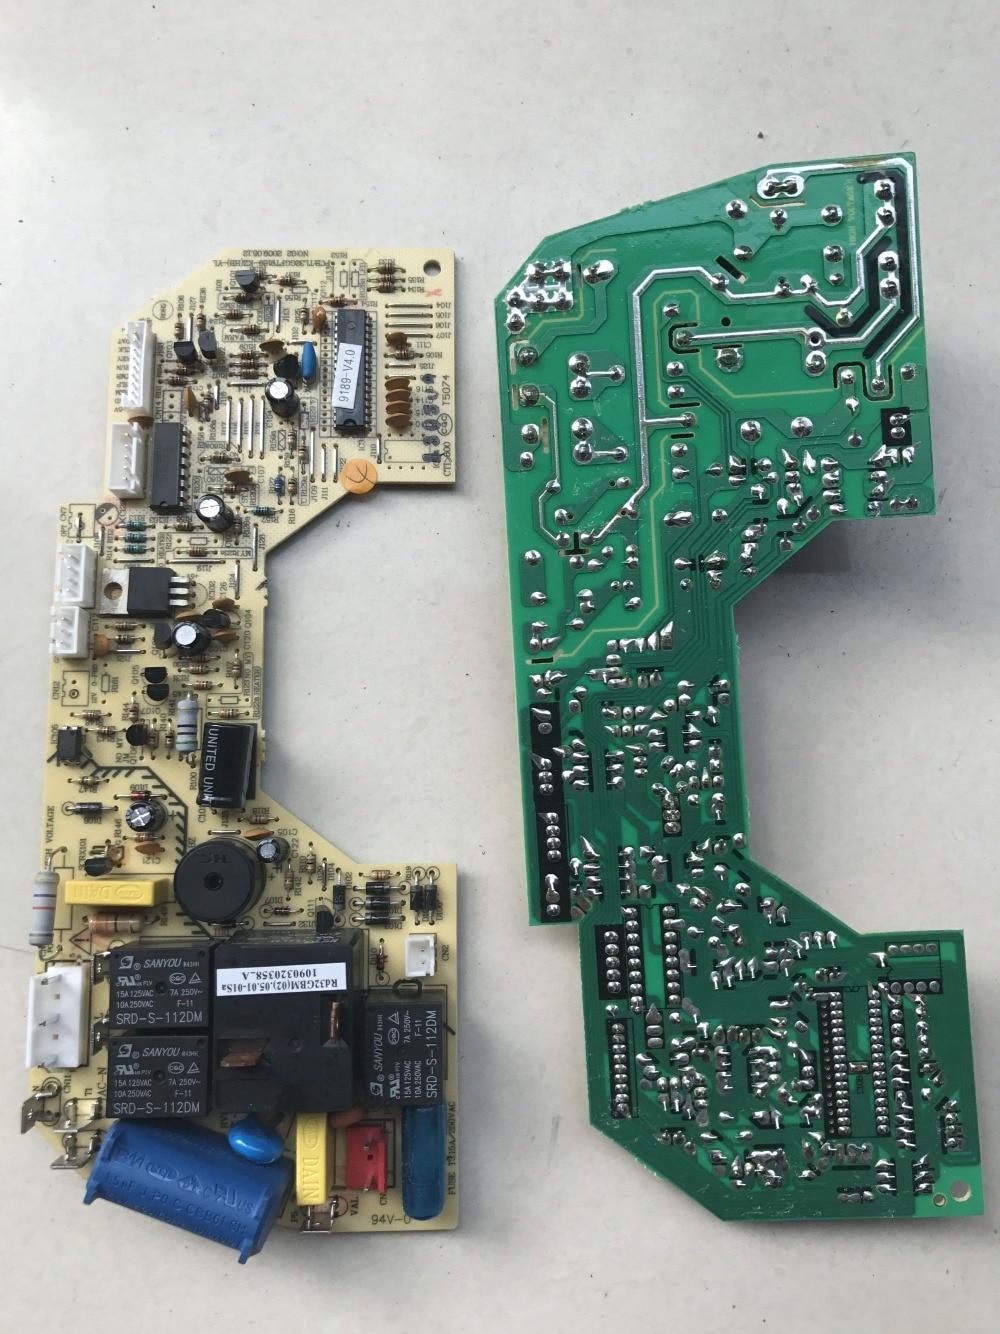 KFRD-35GW/H3-B KFRD-35GW//U2-B USED Good Working